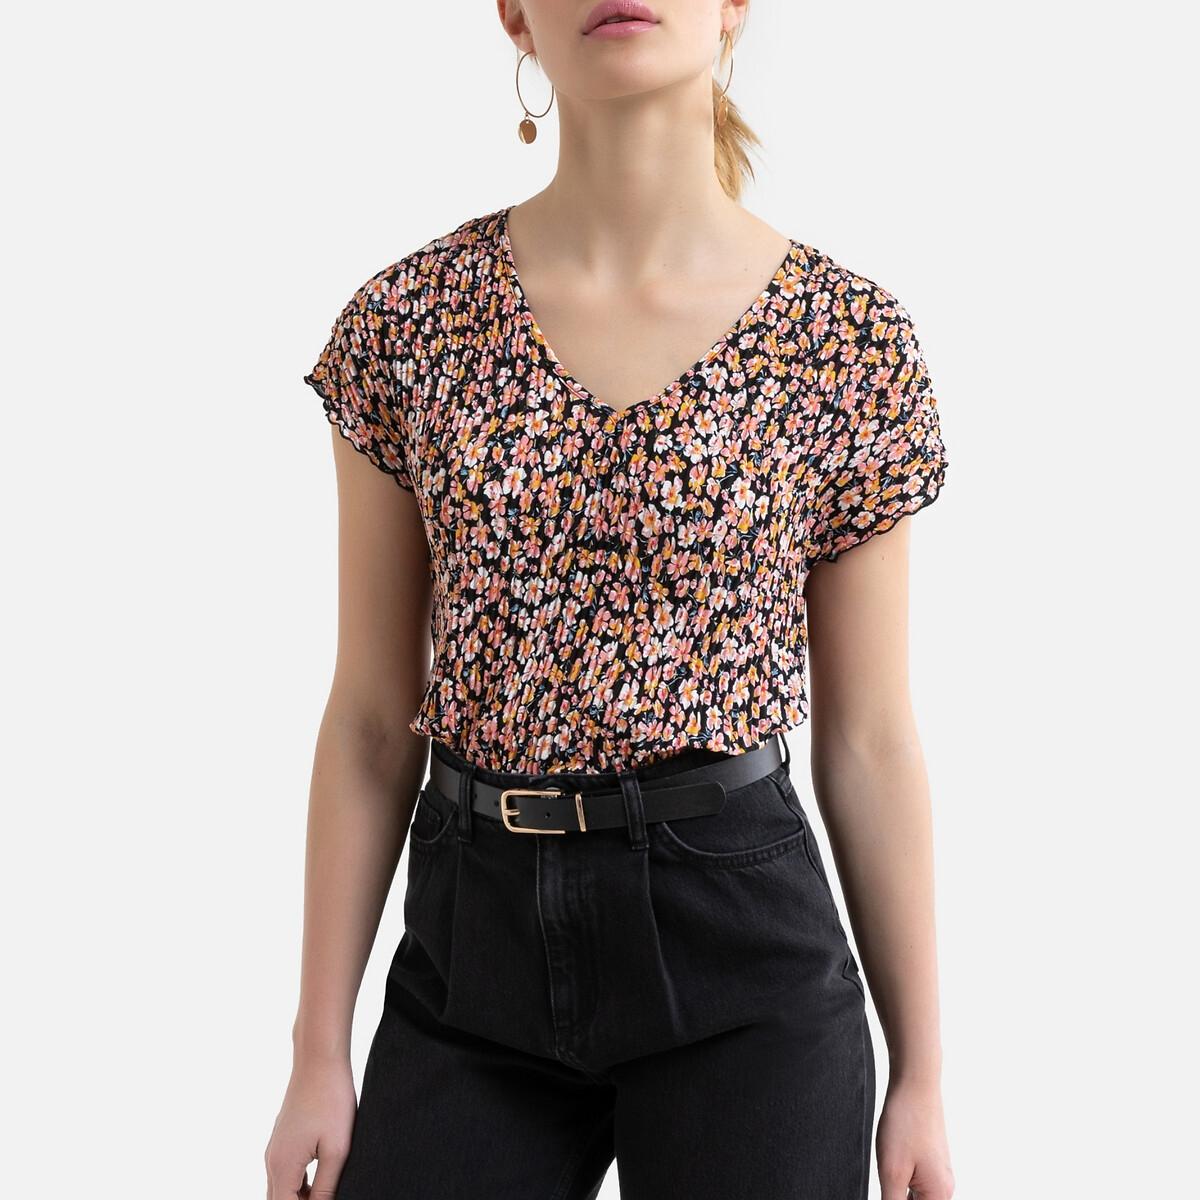 Фото - Блузка LaRedoute С цветочным принтом короткими рукавами и V-образным вырезом M черный футболка laredoute из льна с v образным вырезом и короткими рукавами s черный